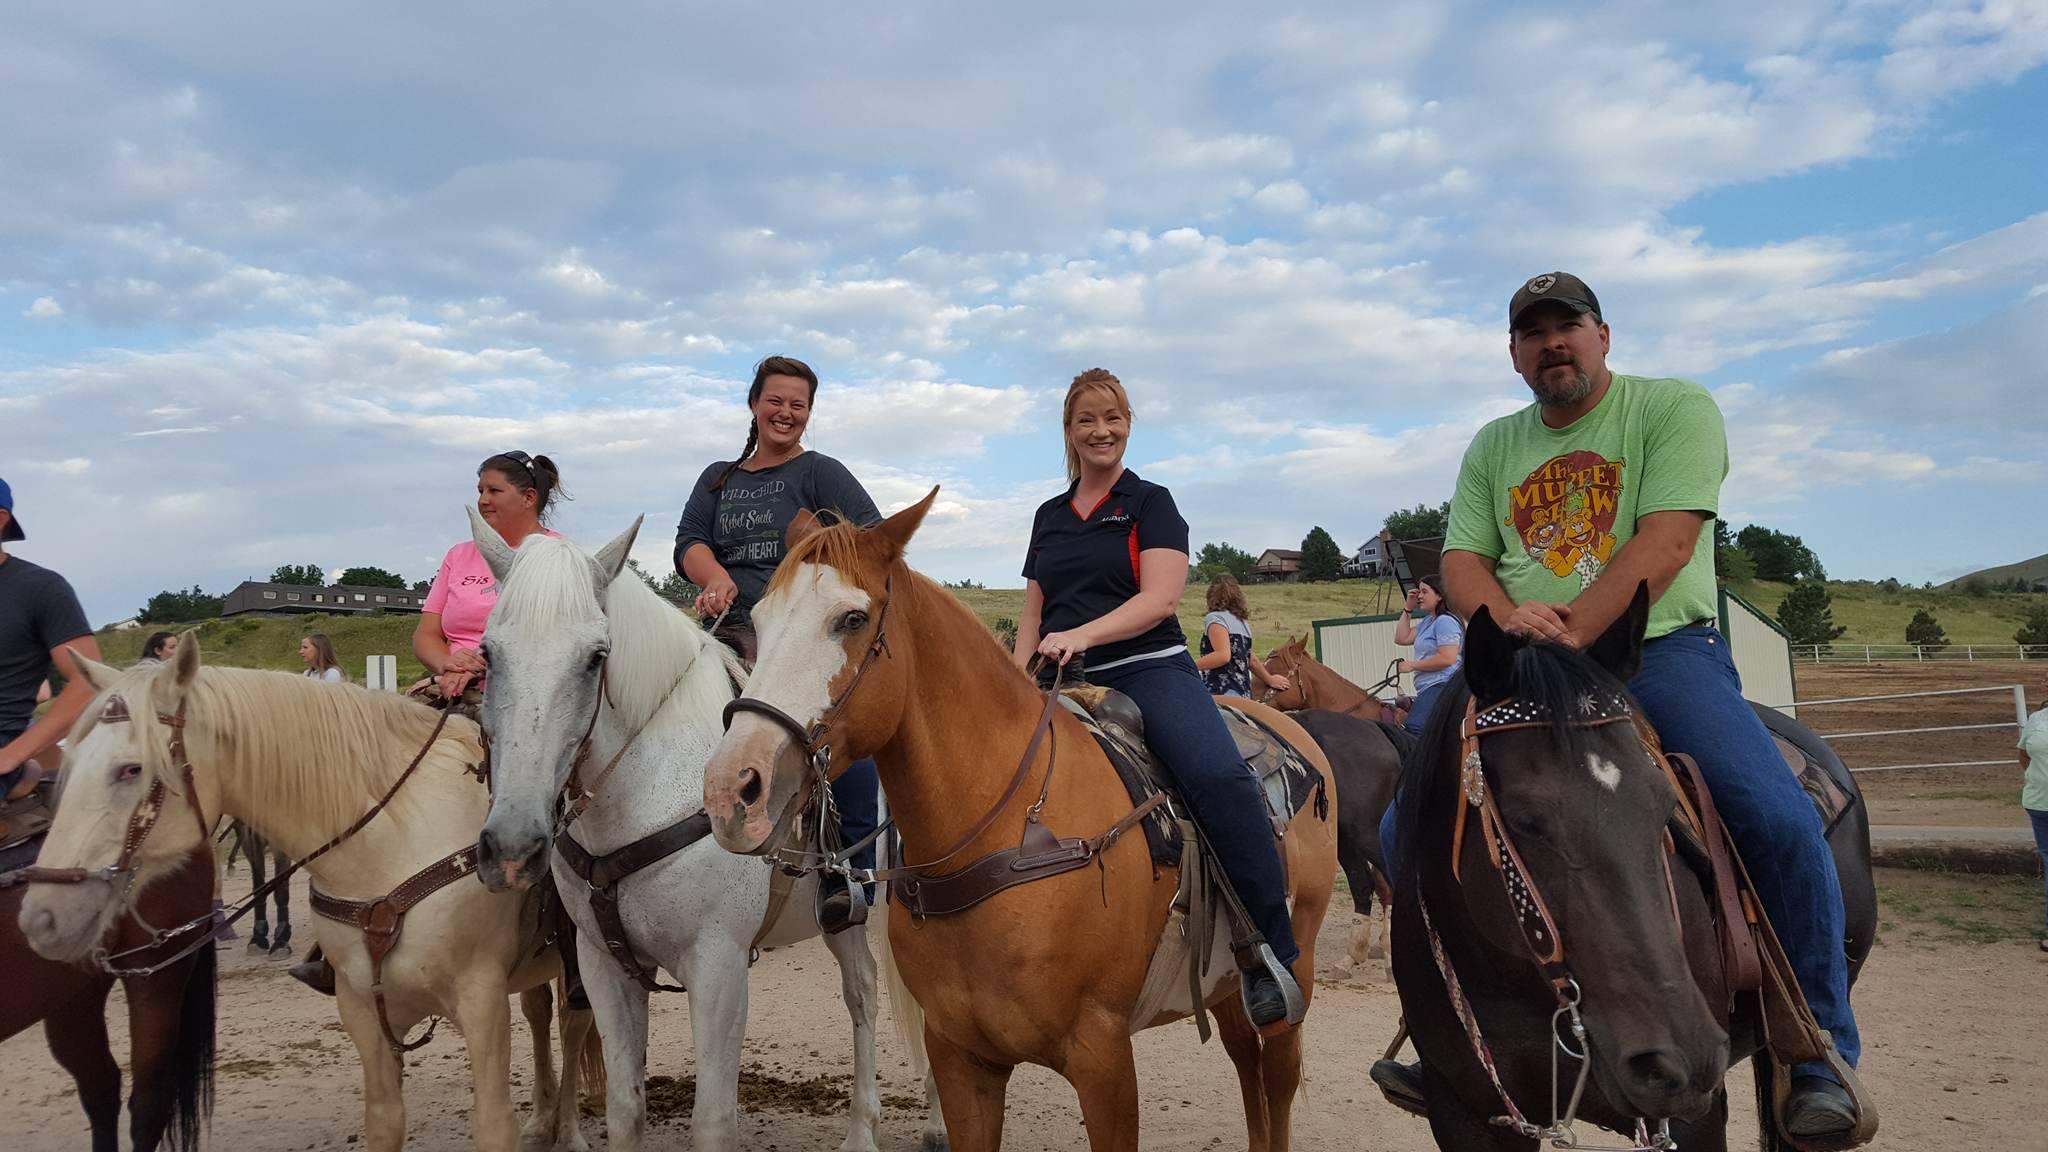 Red Team alumni (right to left): Mike Metzler, Karen Kronauge, Aline Laird